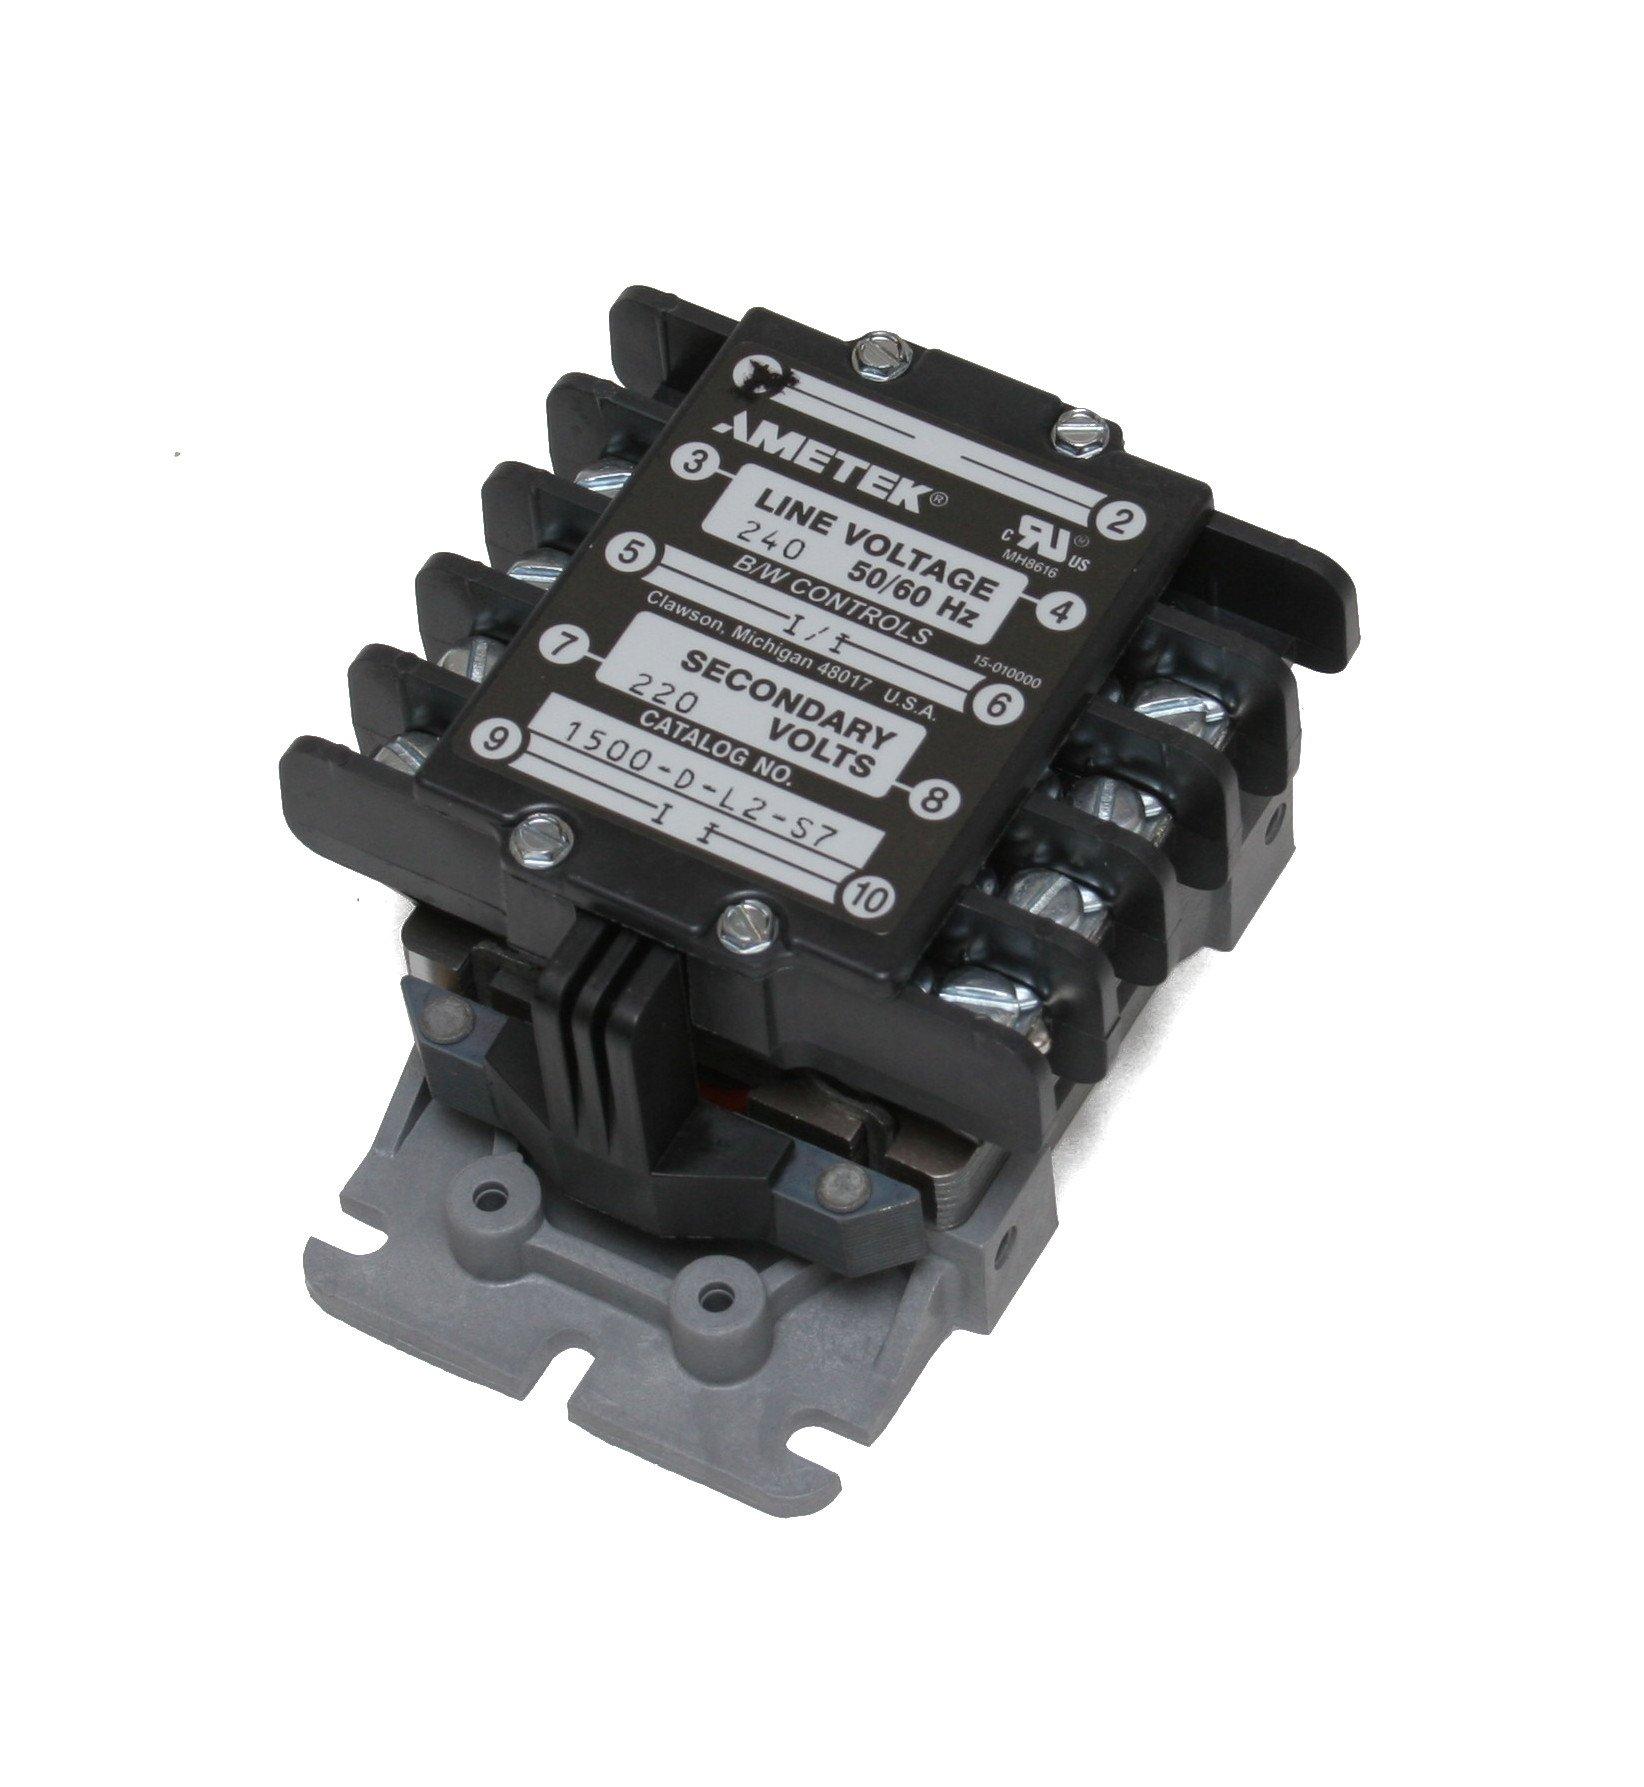 Ametek B/W Controls Liquid Level Control Cat: 1500-D-L2-S7